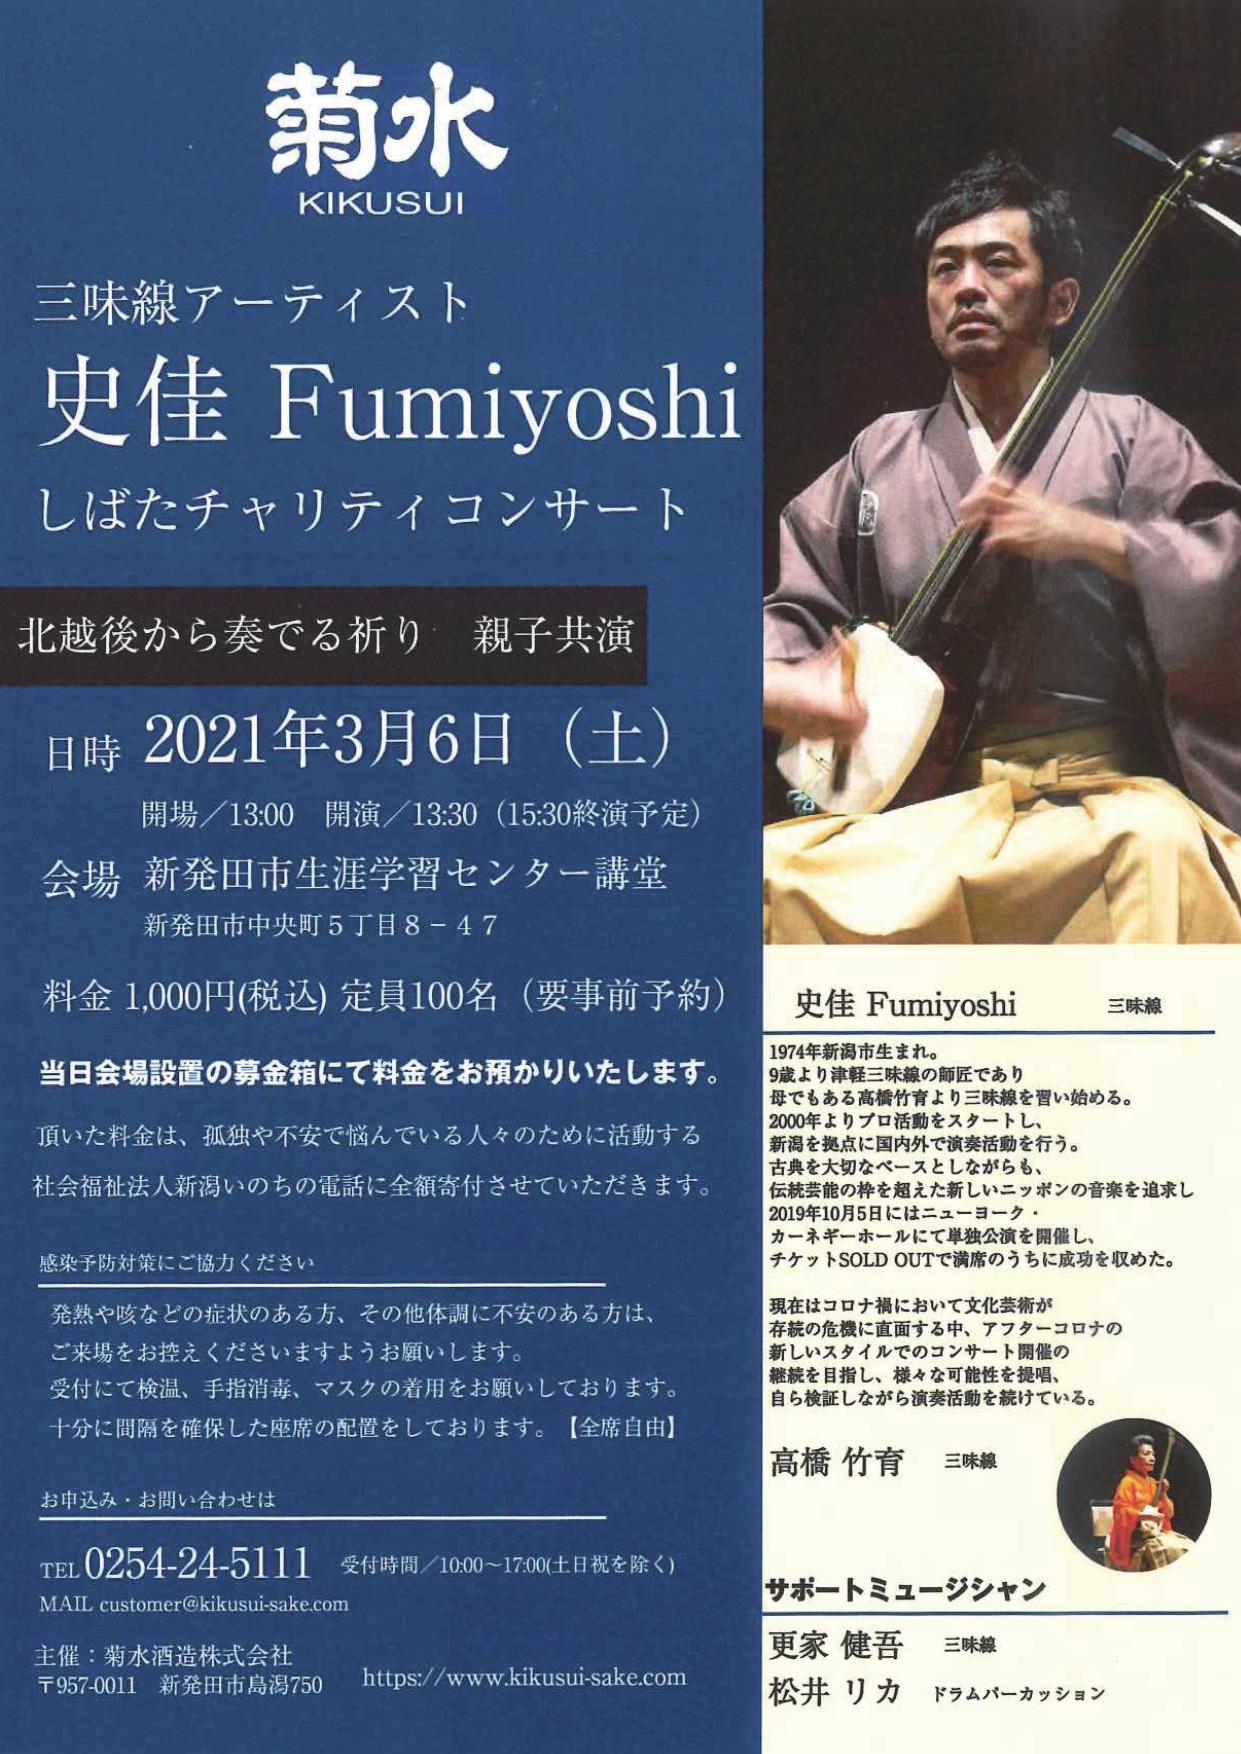 【受付終了】史佳Fumiyoshiしばたチャリティーコンサート開催のお知らせ